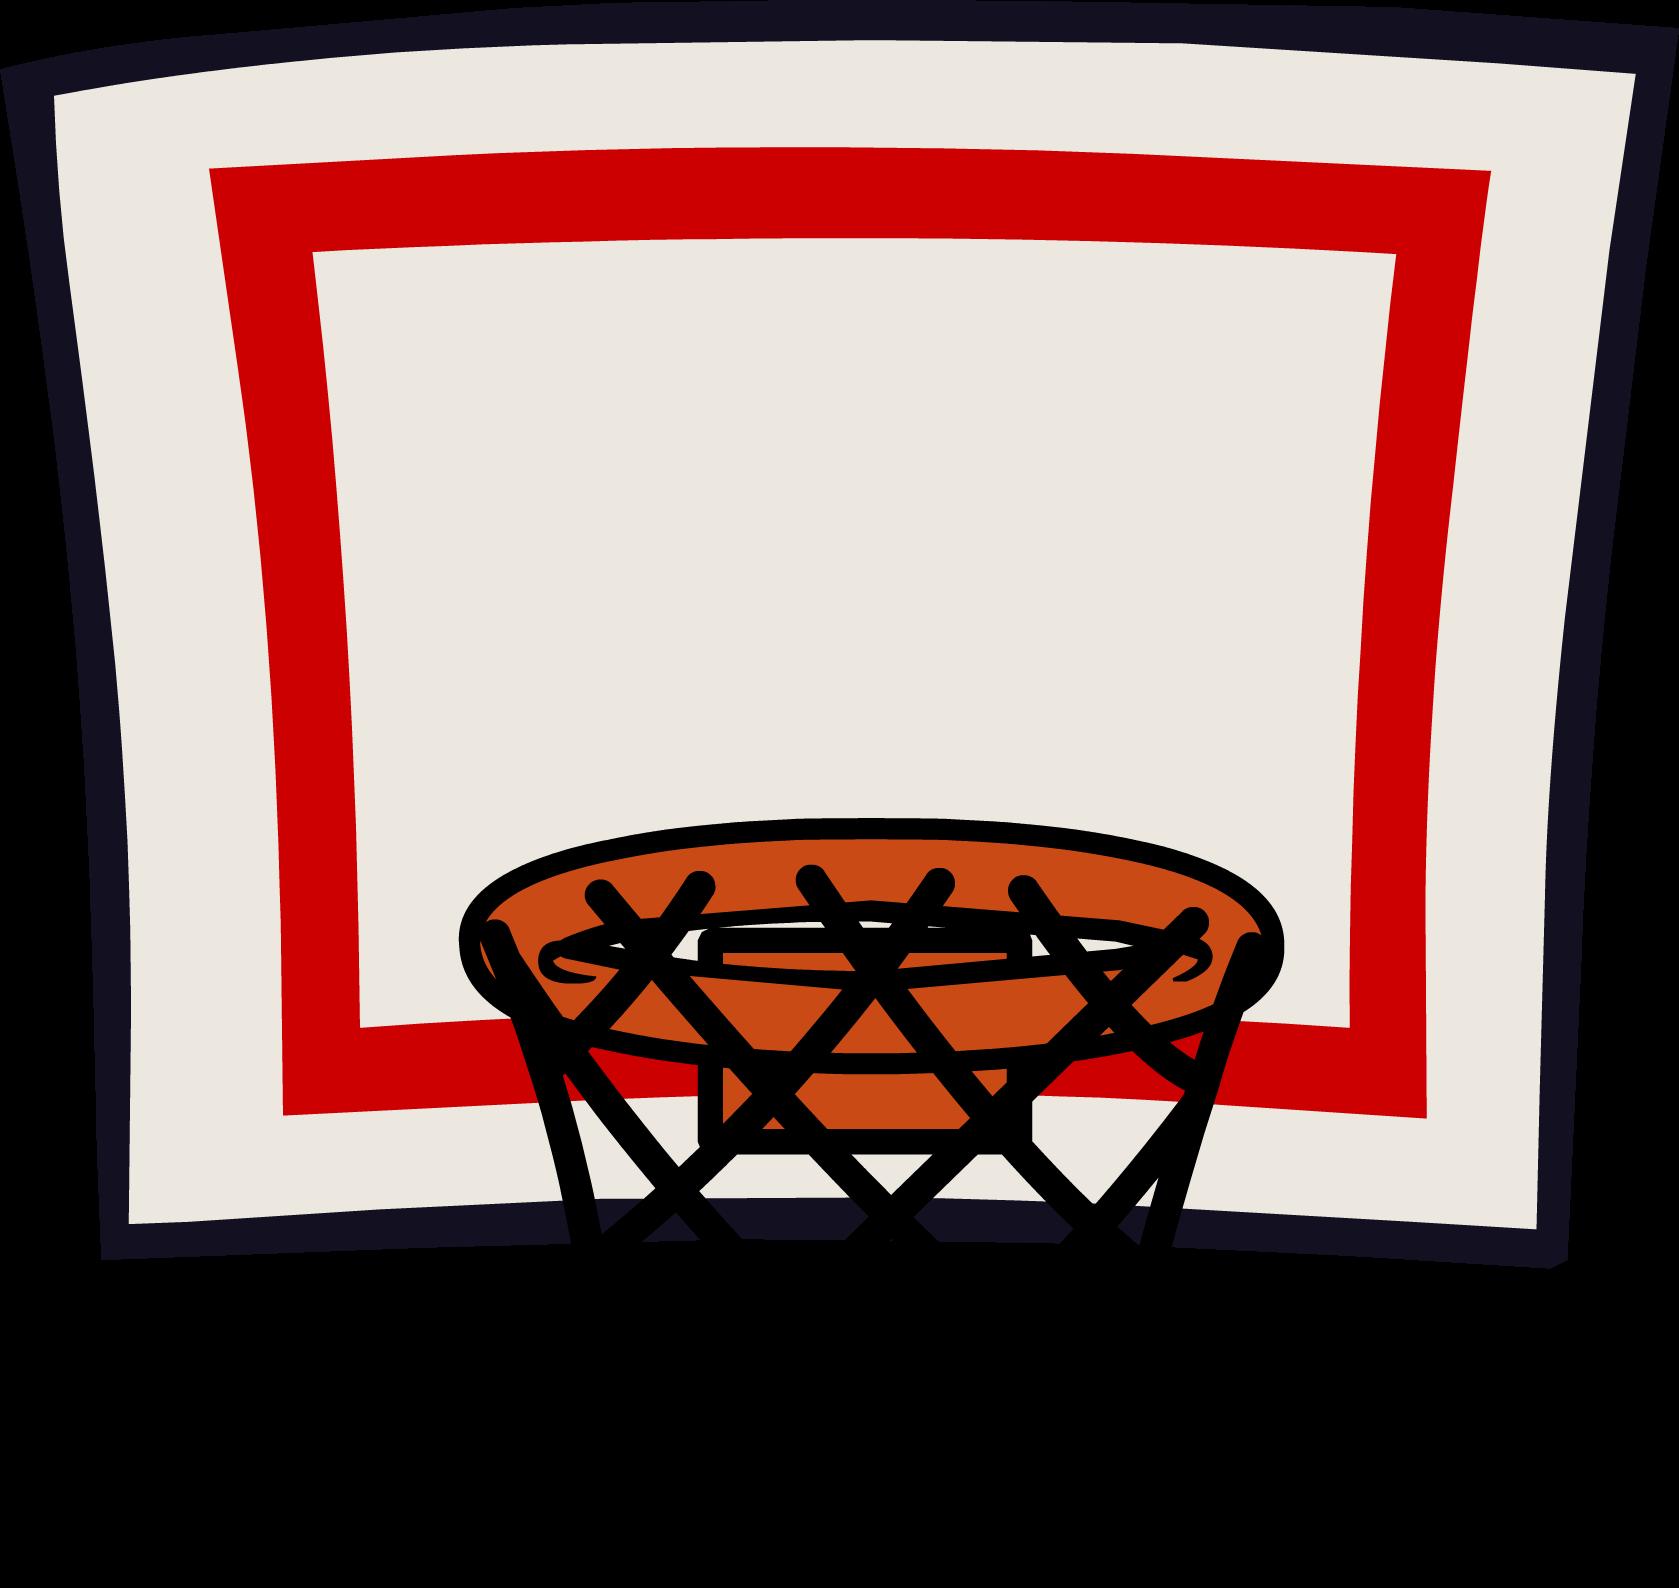 Basketball Hoop PNG HD - 124285